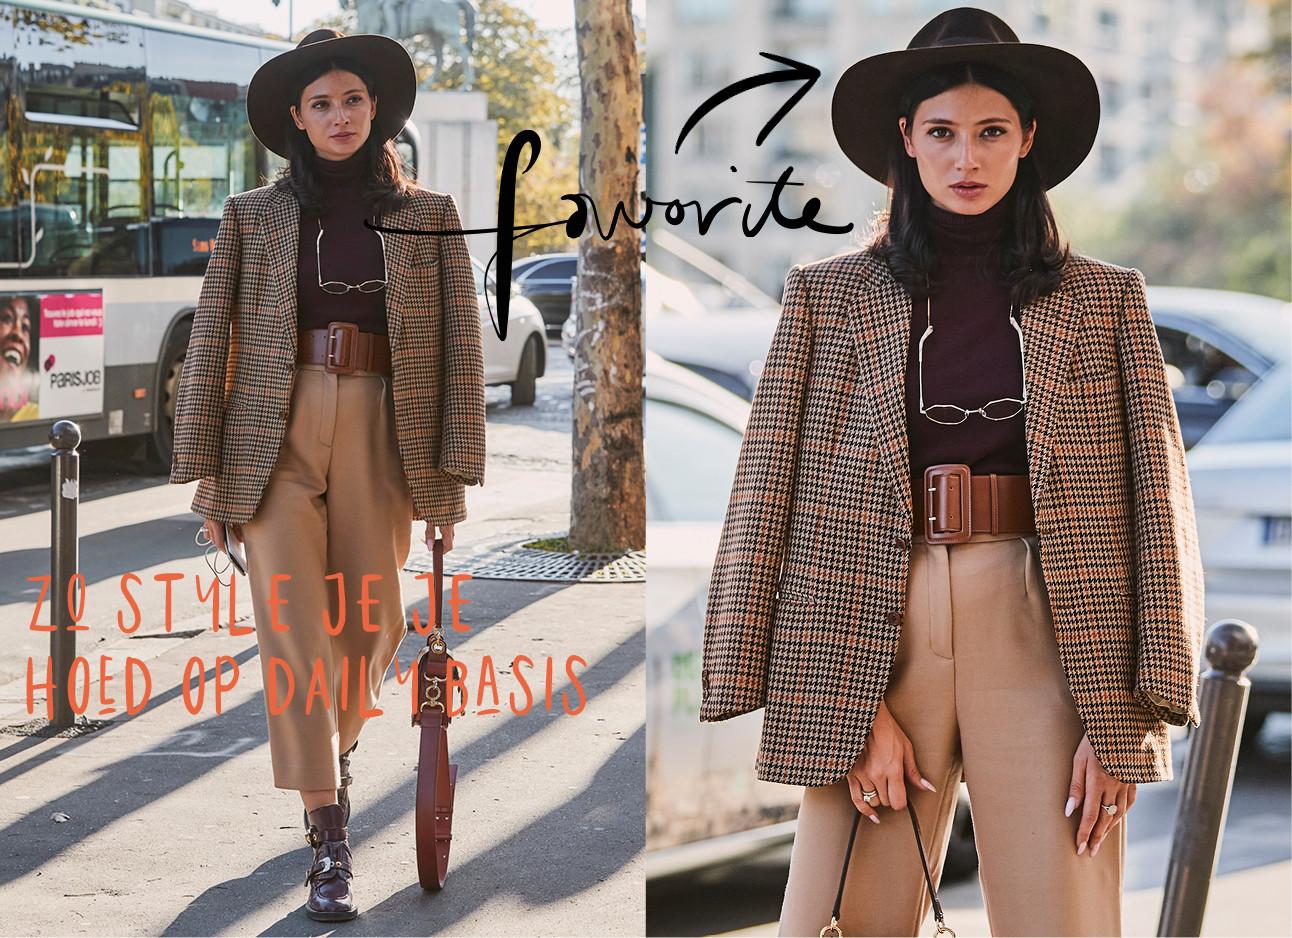 outfit van aardetinten, camel kleurige pantalon, tweet jas, bruine coltrui en donkerbruine hoed, favorite, zo style je je hoed op een daily basis